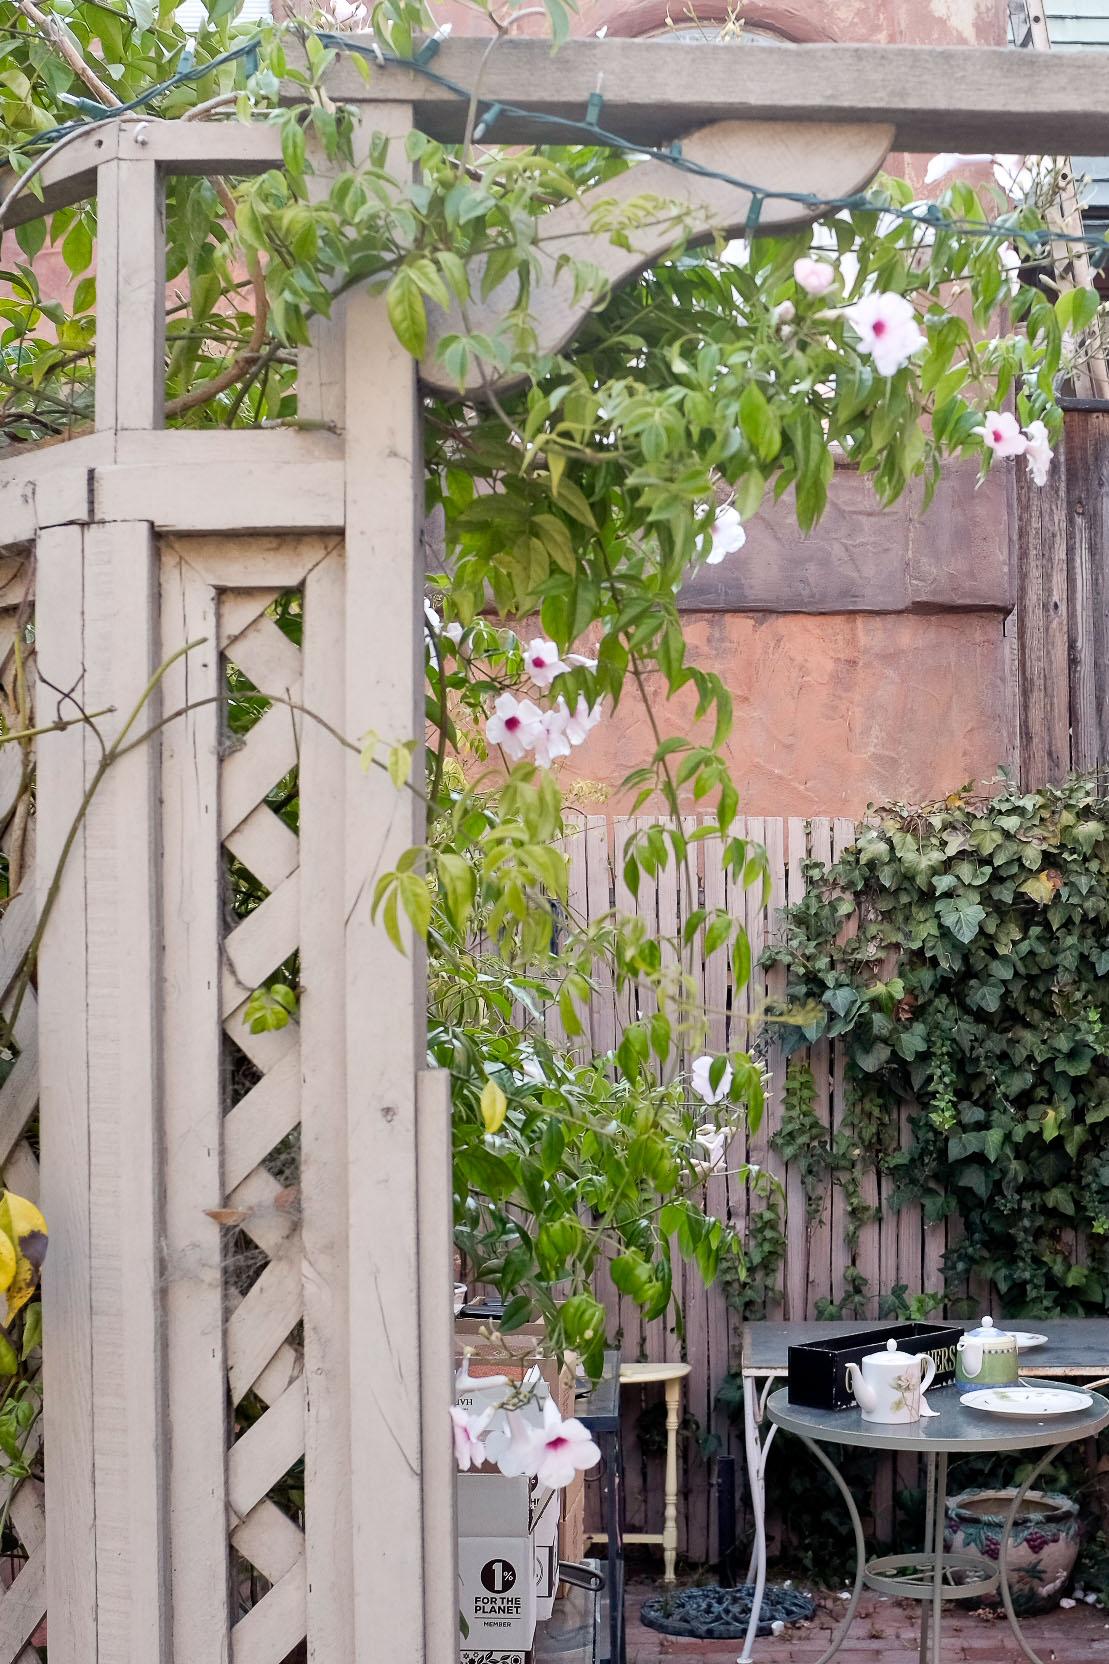 Another garden nook.